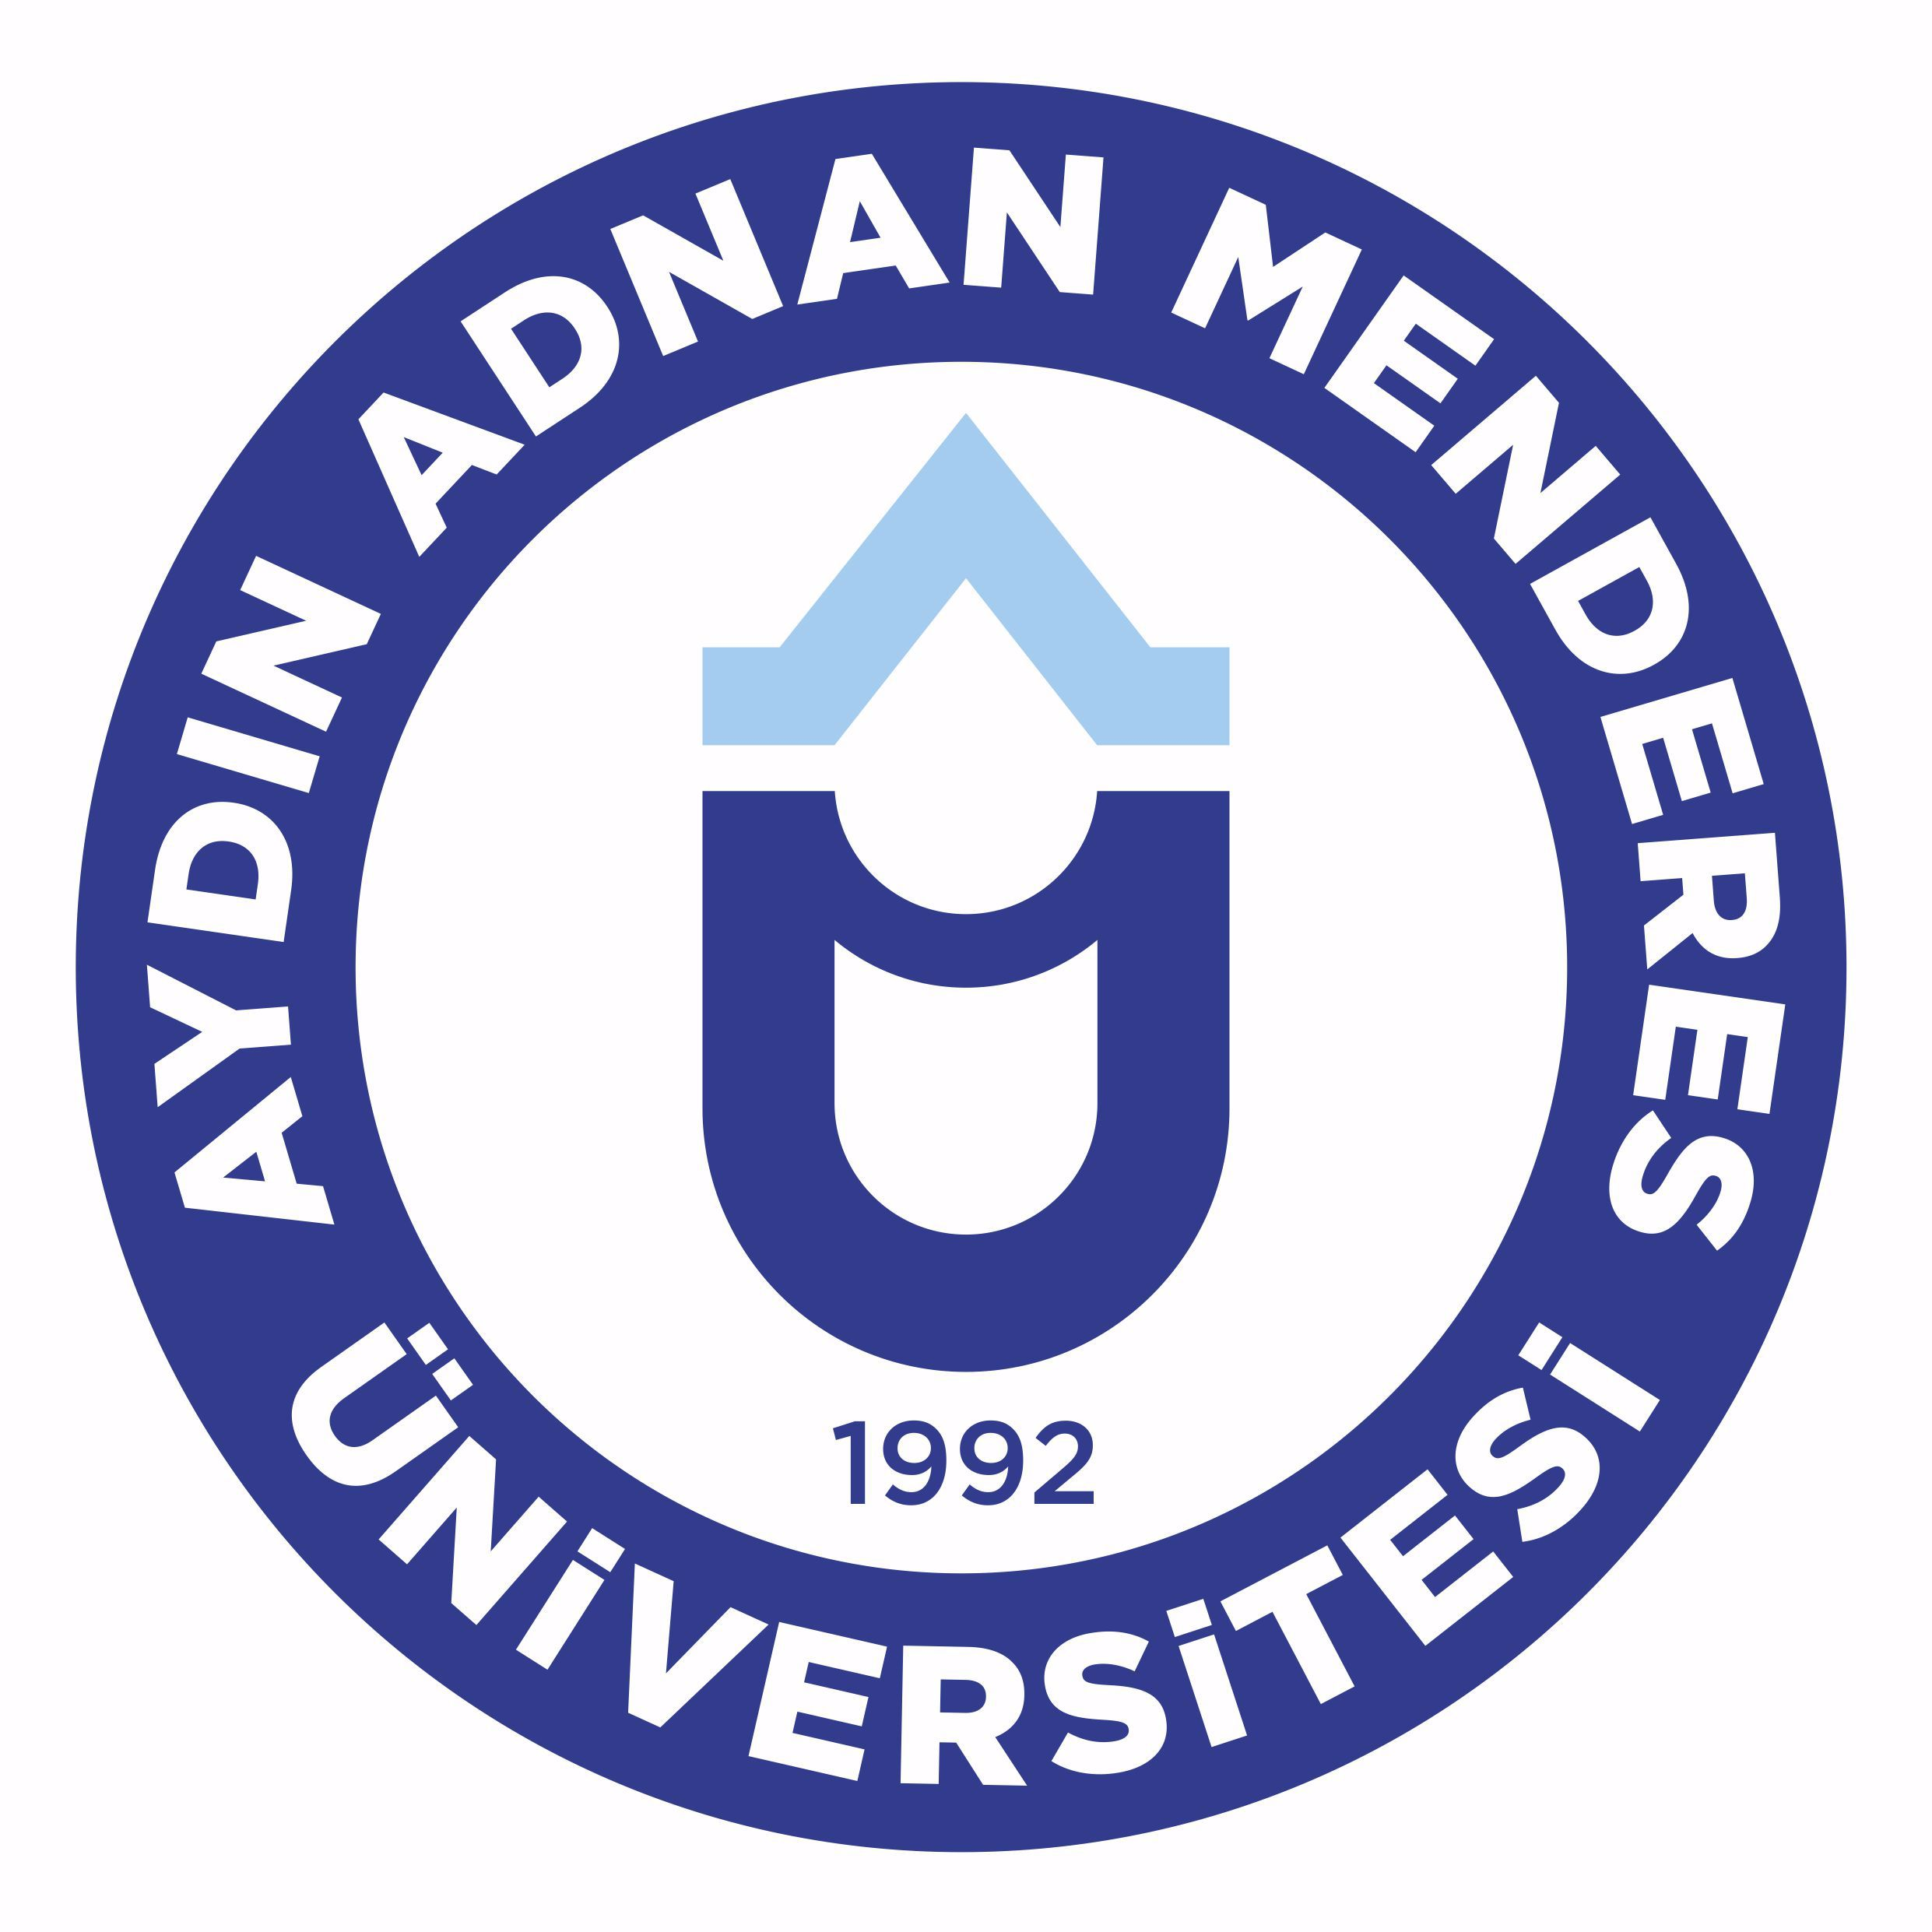 TUAS | AYDIN ADNAN MENDERES UNIVERSITY